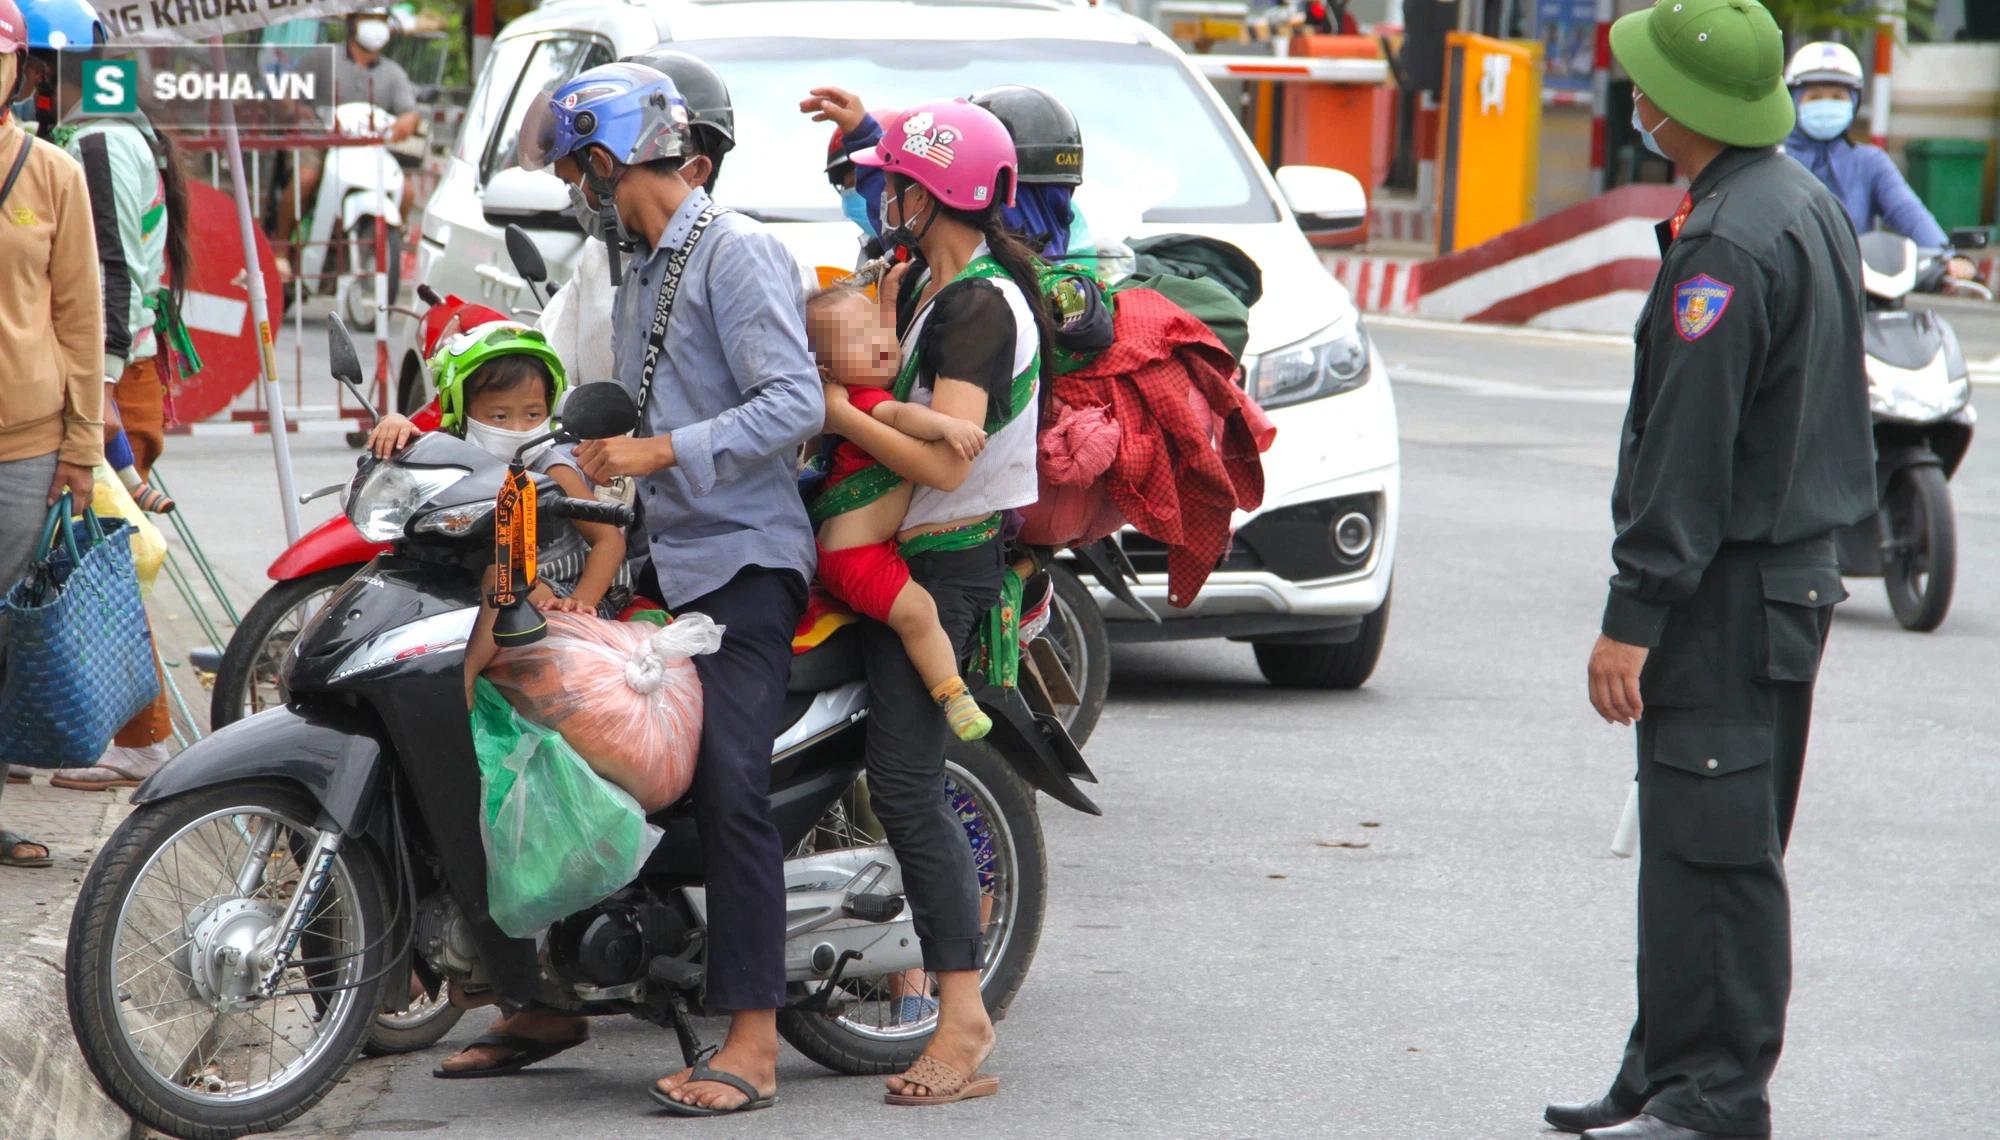 Chạy xe máy 4 ngày đêm từ miền Nam về quê trốn dịch: Lương cao nhưng dịch sợ quá nên em đưa vợ con về - Ảnh 8.